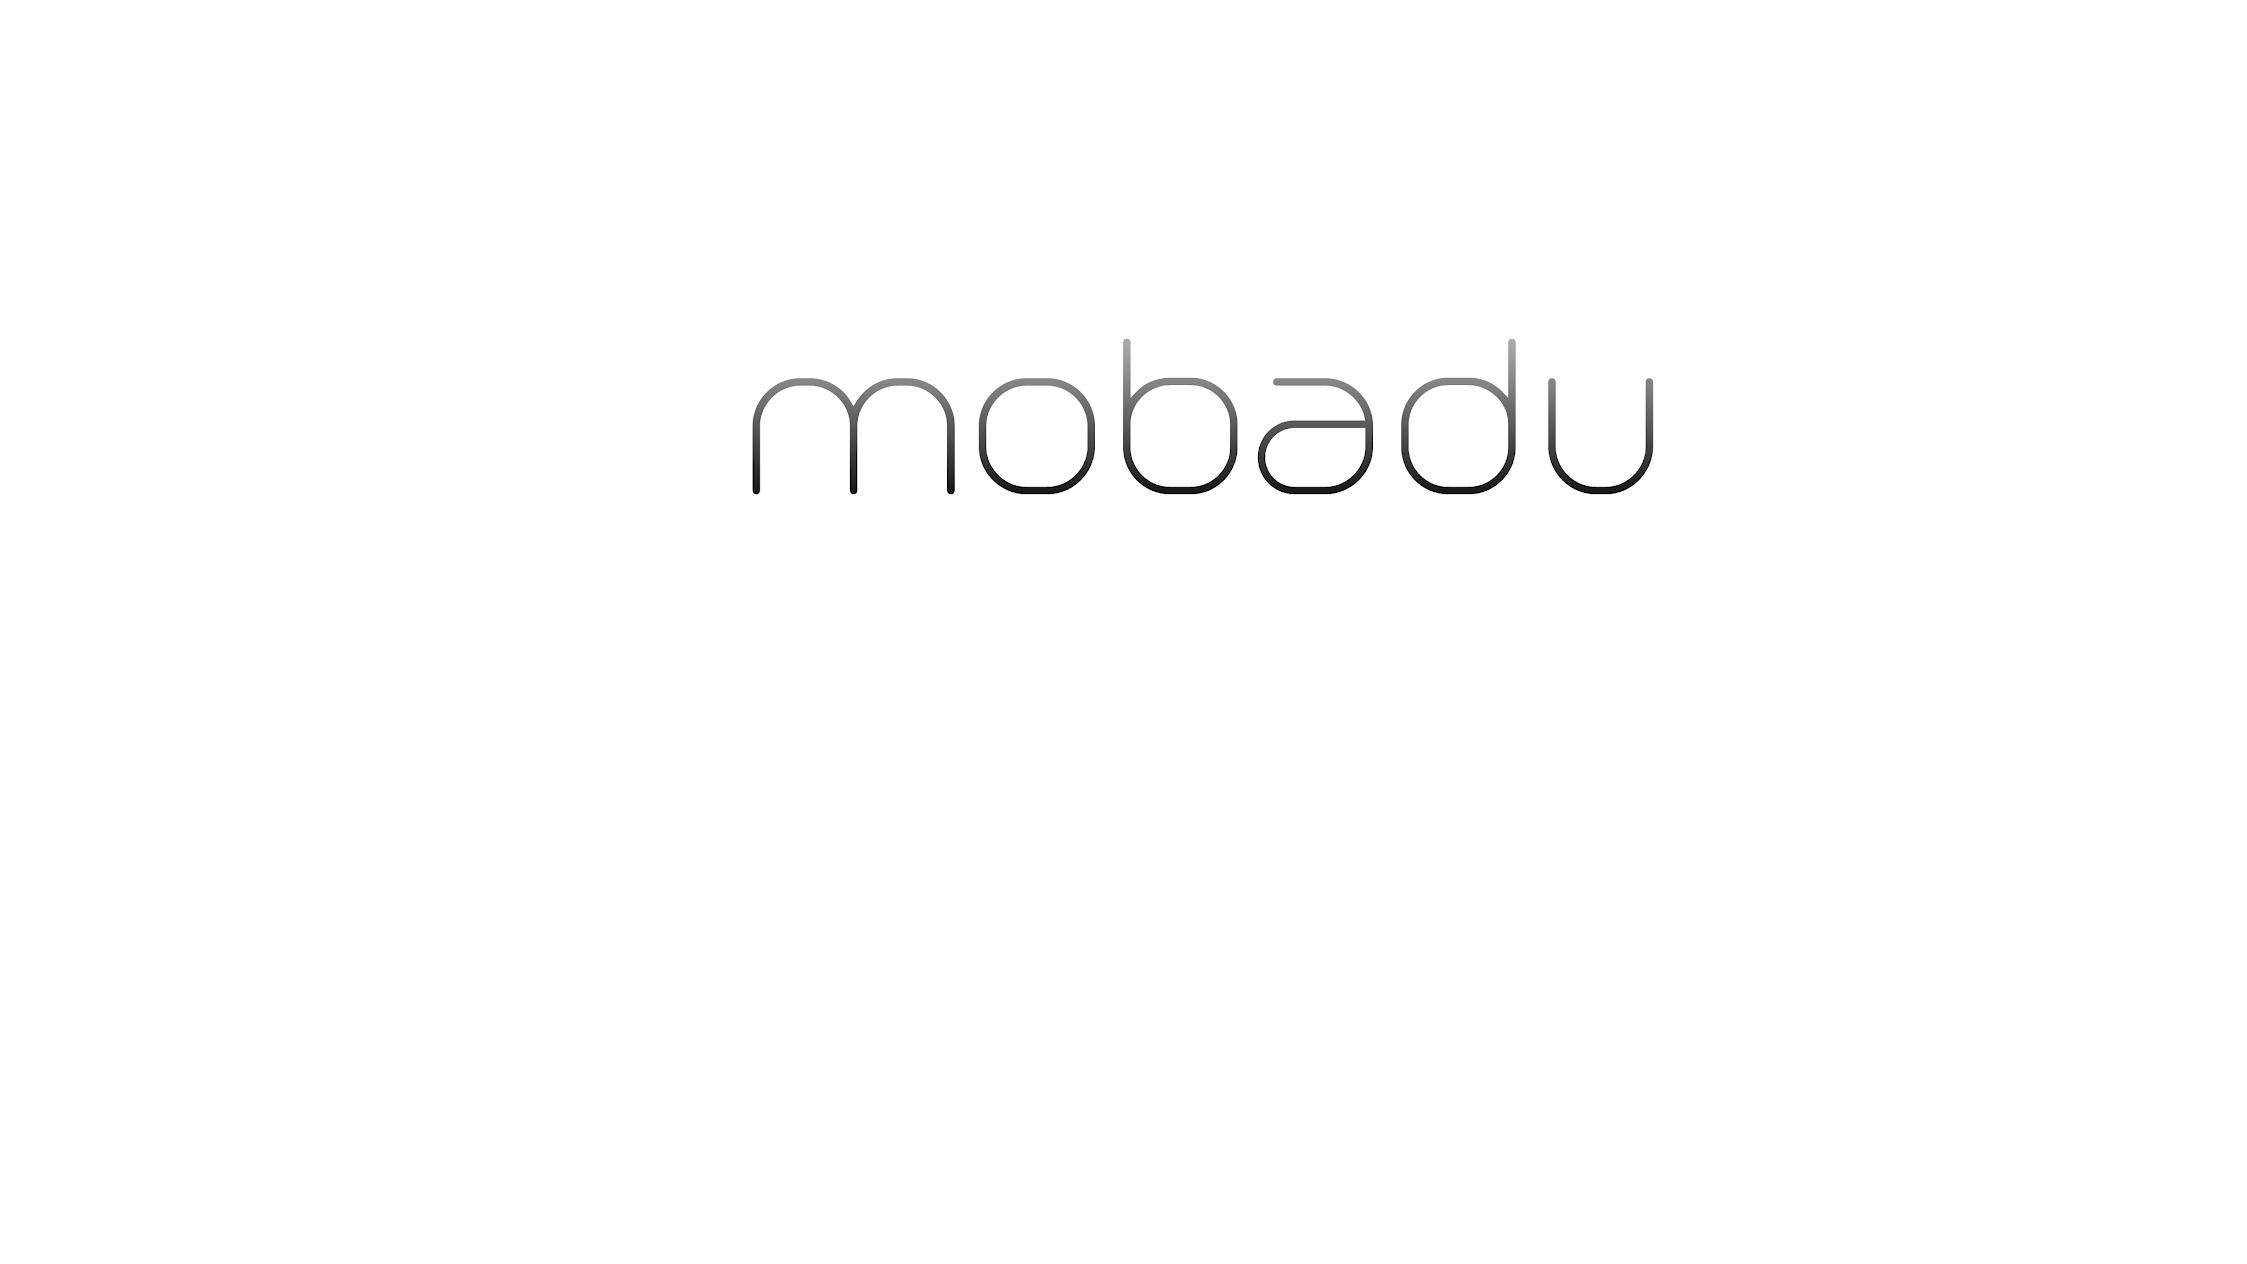 mobadu